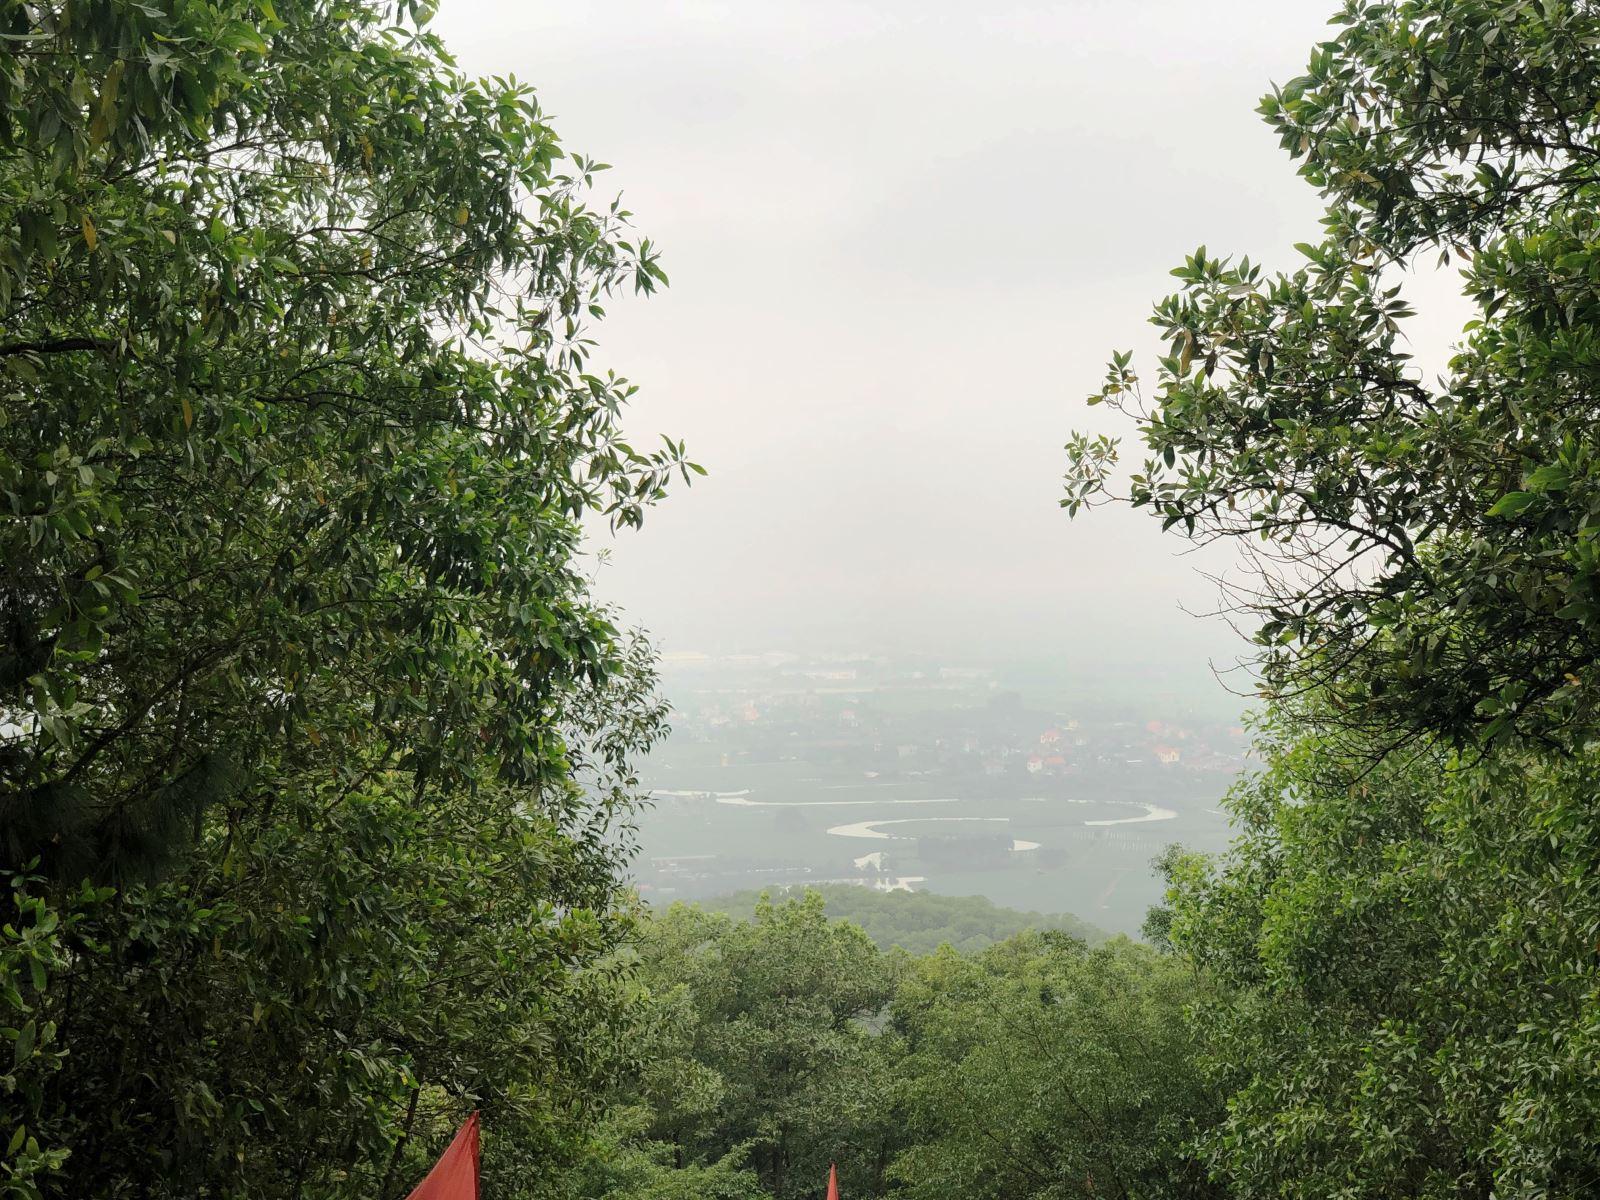 Những ngày trời quang, từ đỉnh núi An Phụ có thể ngắm toàn cảnh vùng Kinh Môn với dòng Kinh Thầy uốn khúc.